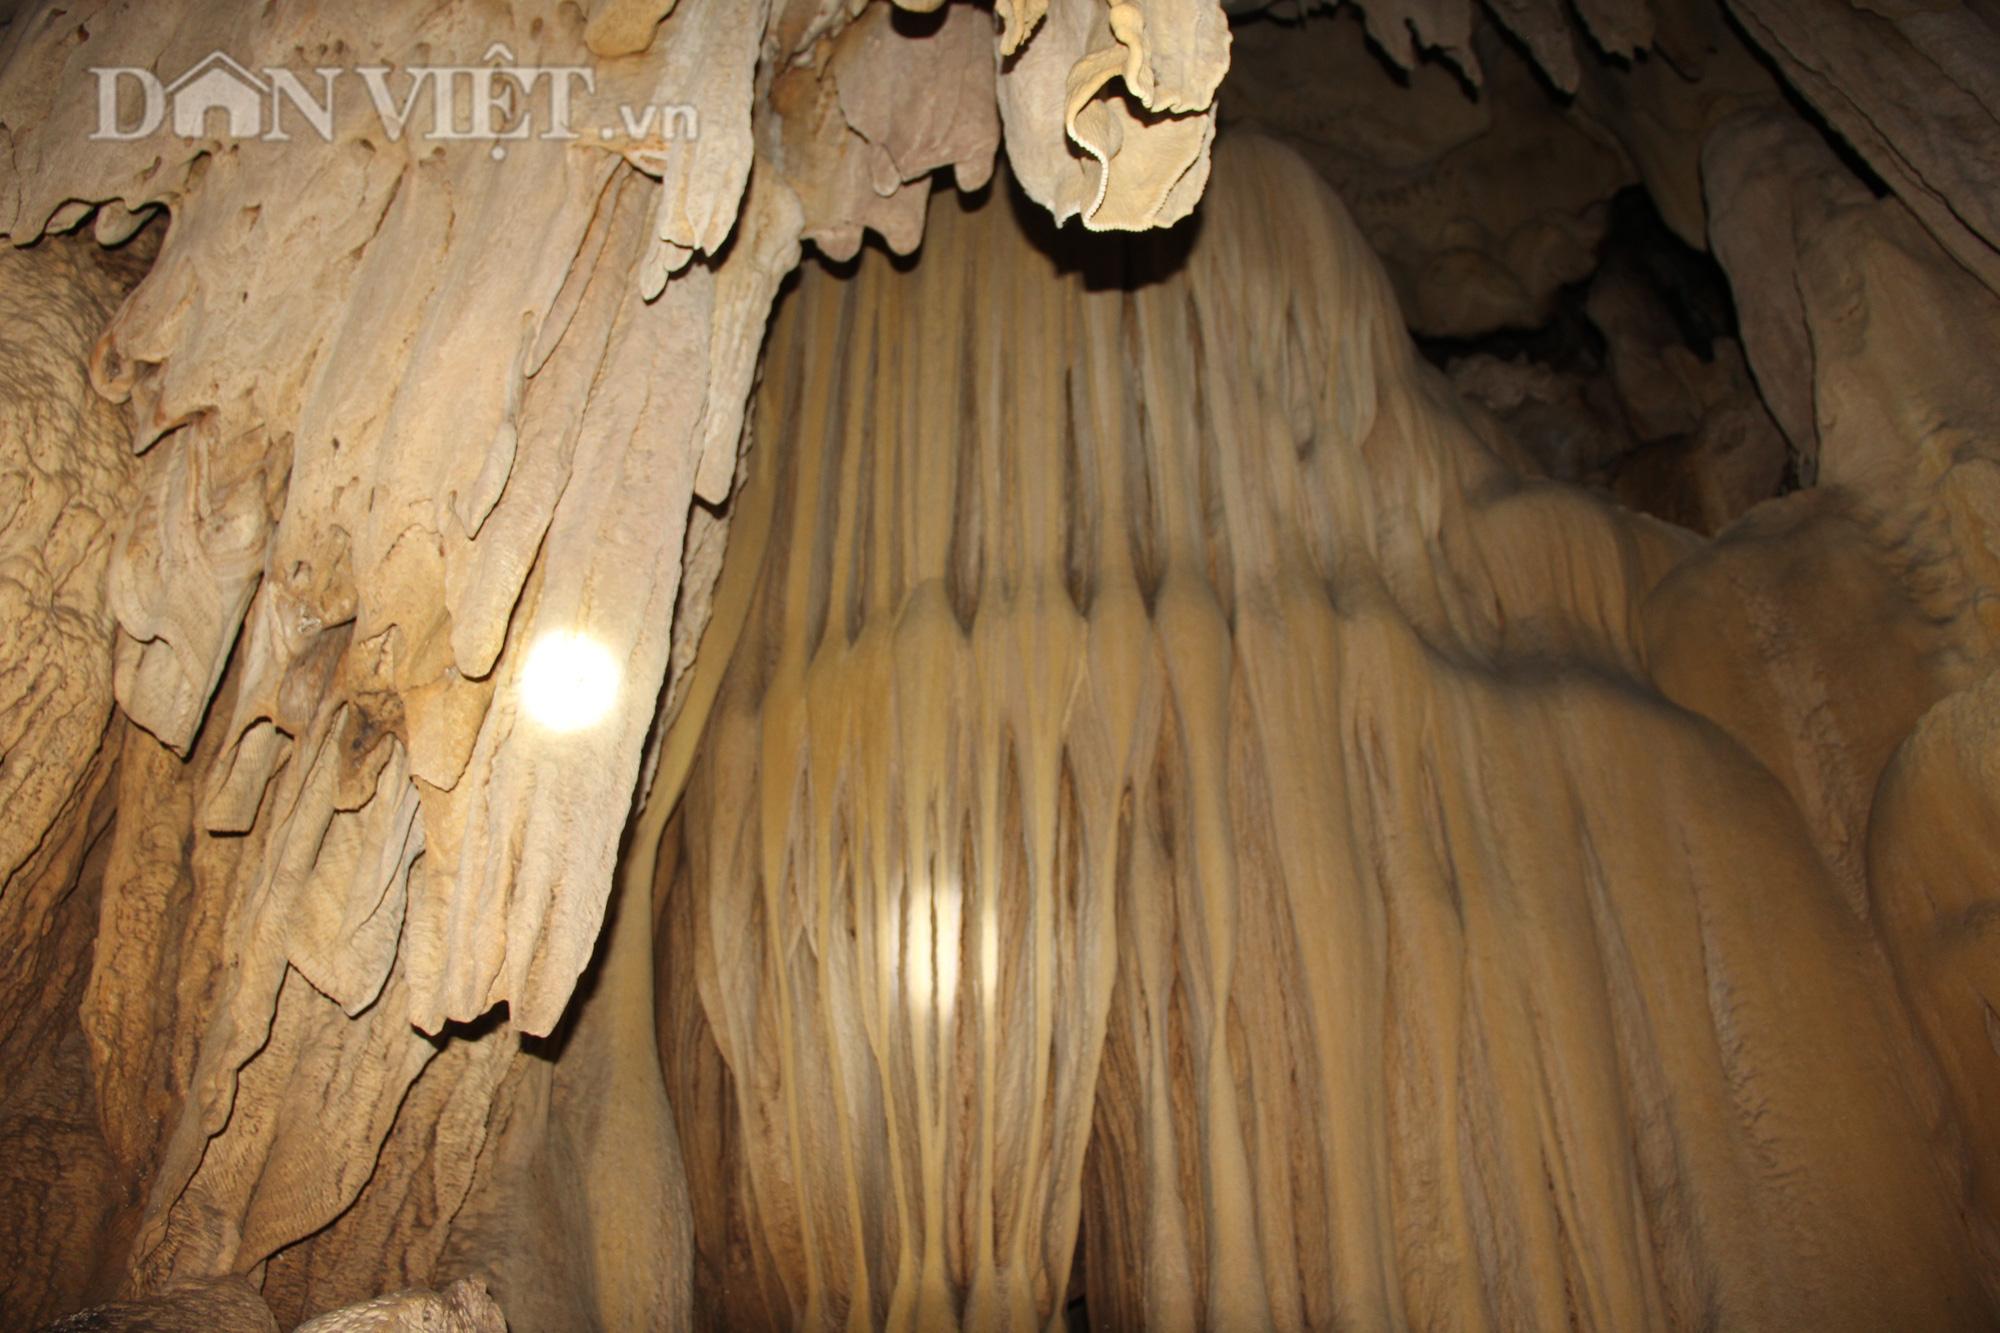 Quảng Trị: Phát hiện hang động mới, đẹp lung linh ở thôn Trỉa - Ảnh 9.